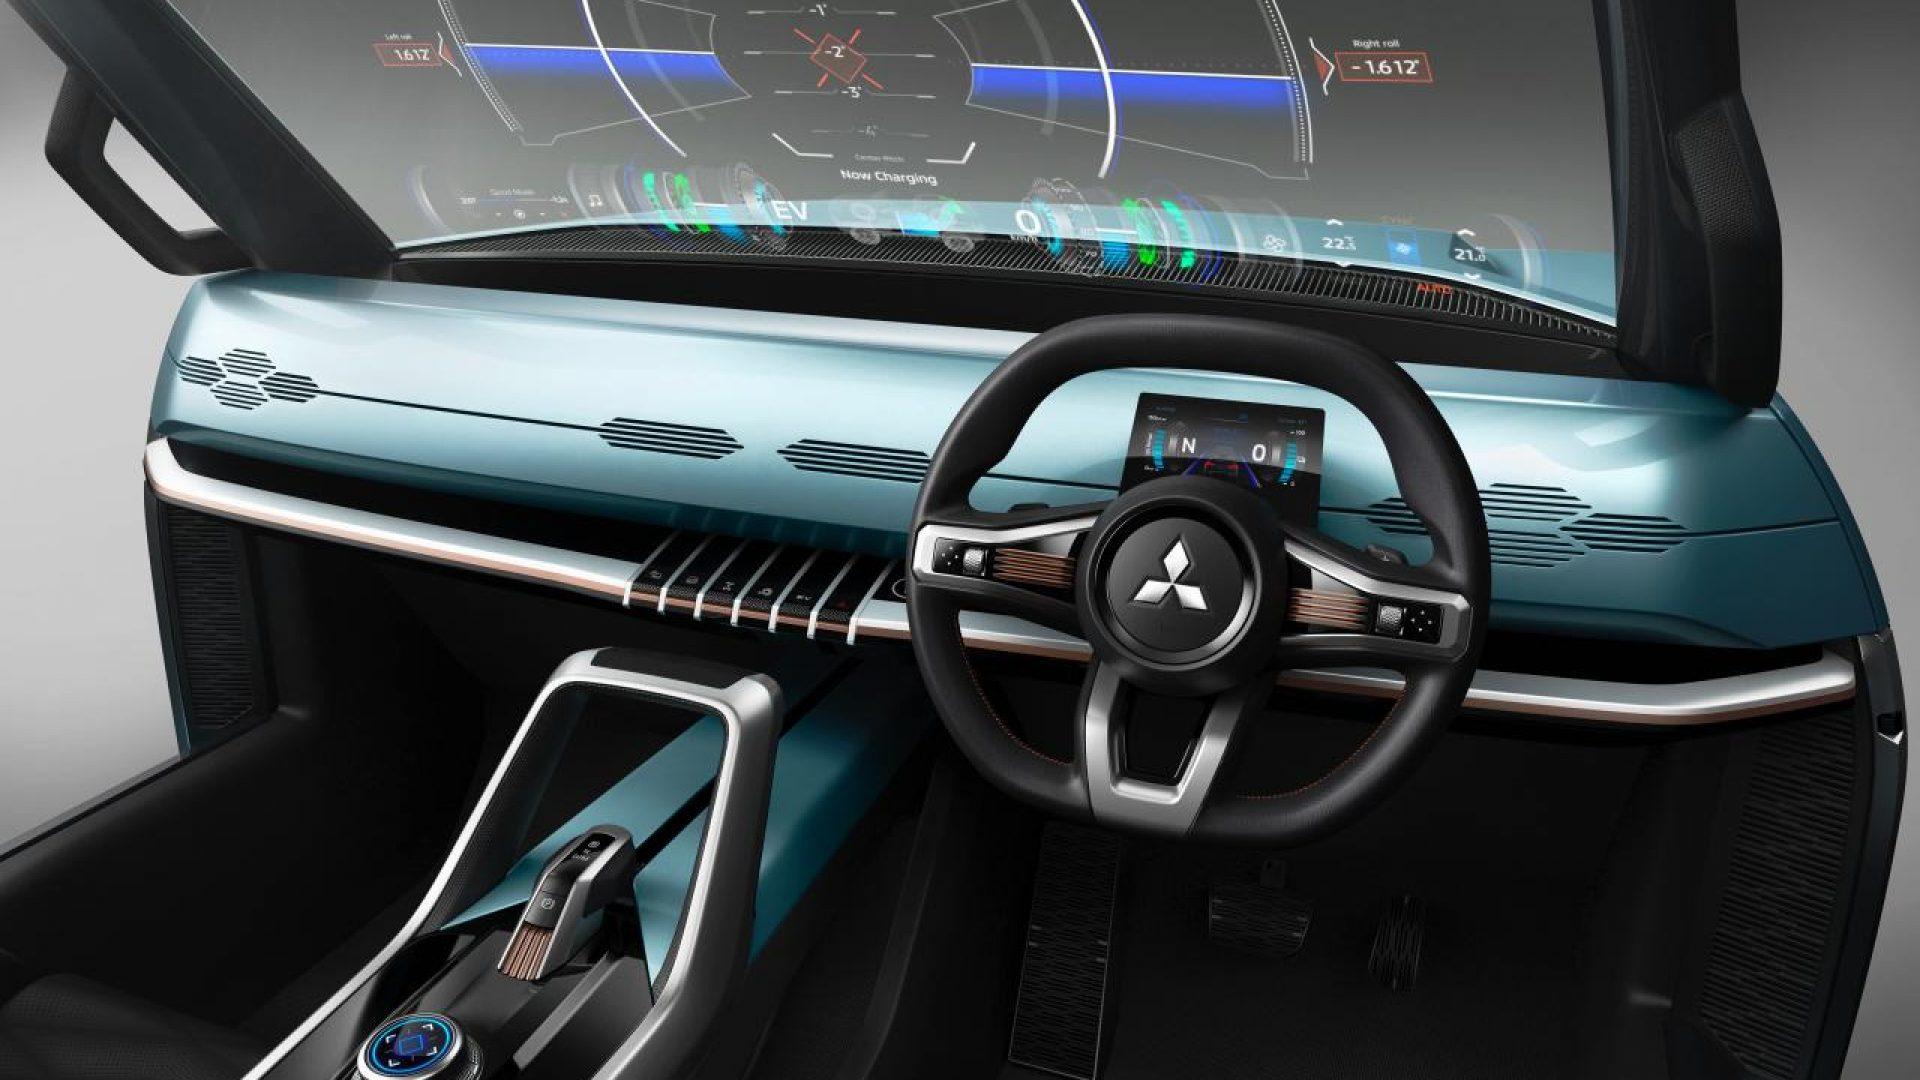 2019-Mitsubishi-MI-Tech-Concept-Interior-03